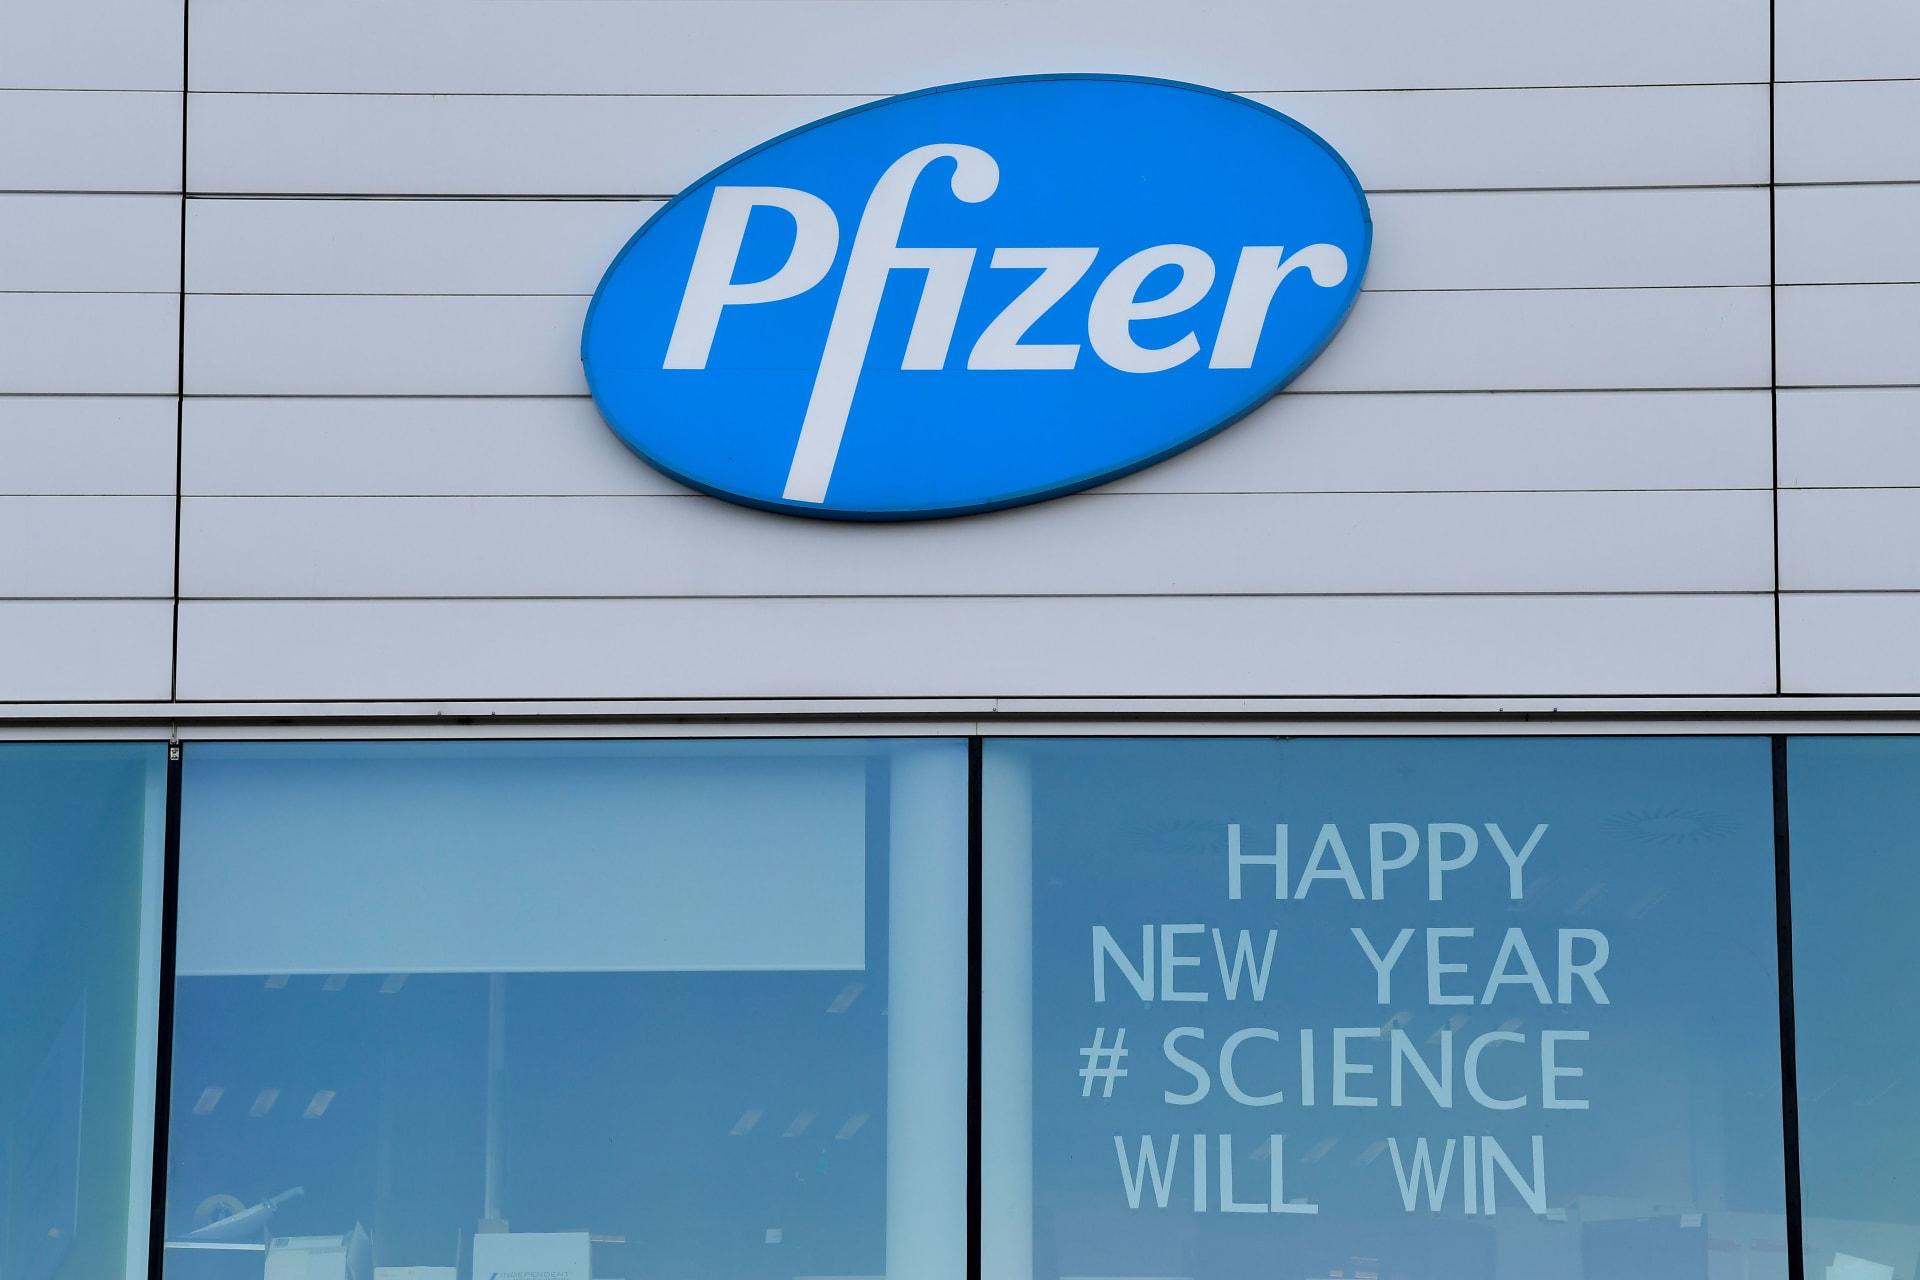 منظمة الصحة العالمية تمنح موافقة الاستخدام الطارئ لقاح فايزر - بيونتيك